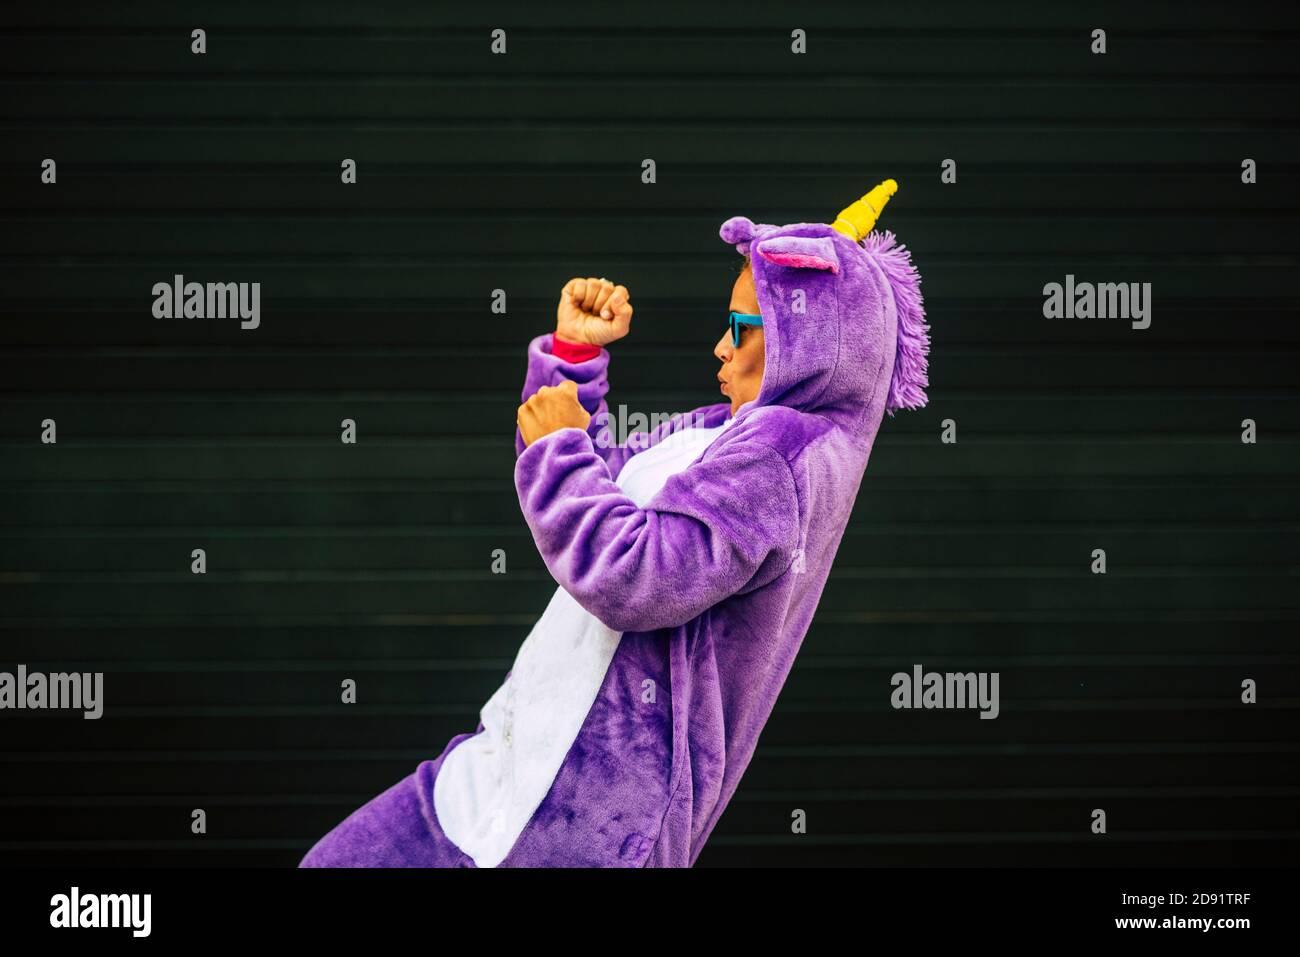 Crazy unicorn maschera danza con la gente divertente - allegro felice donna che balla con abito da carnevale con parete nera sullo sfondo - Divertimento e felicità concep Foto Stock